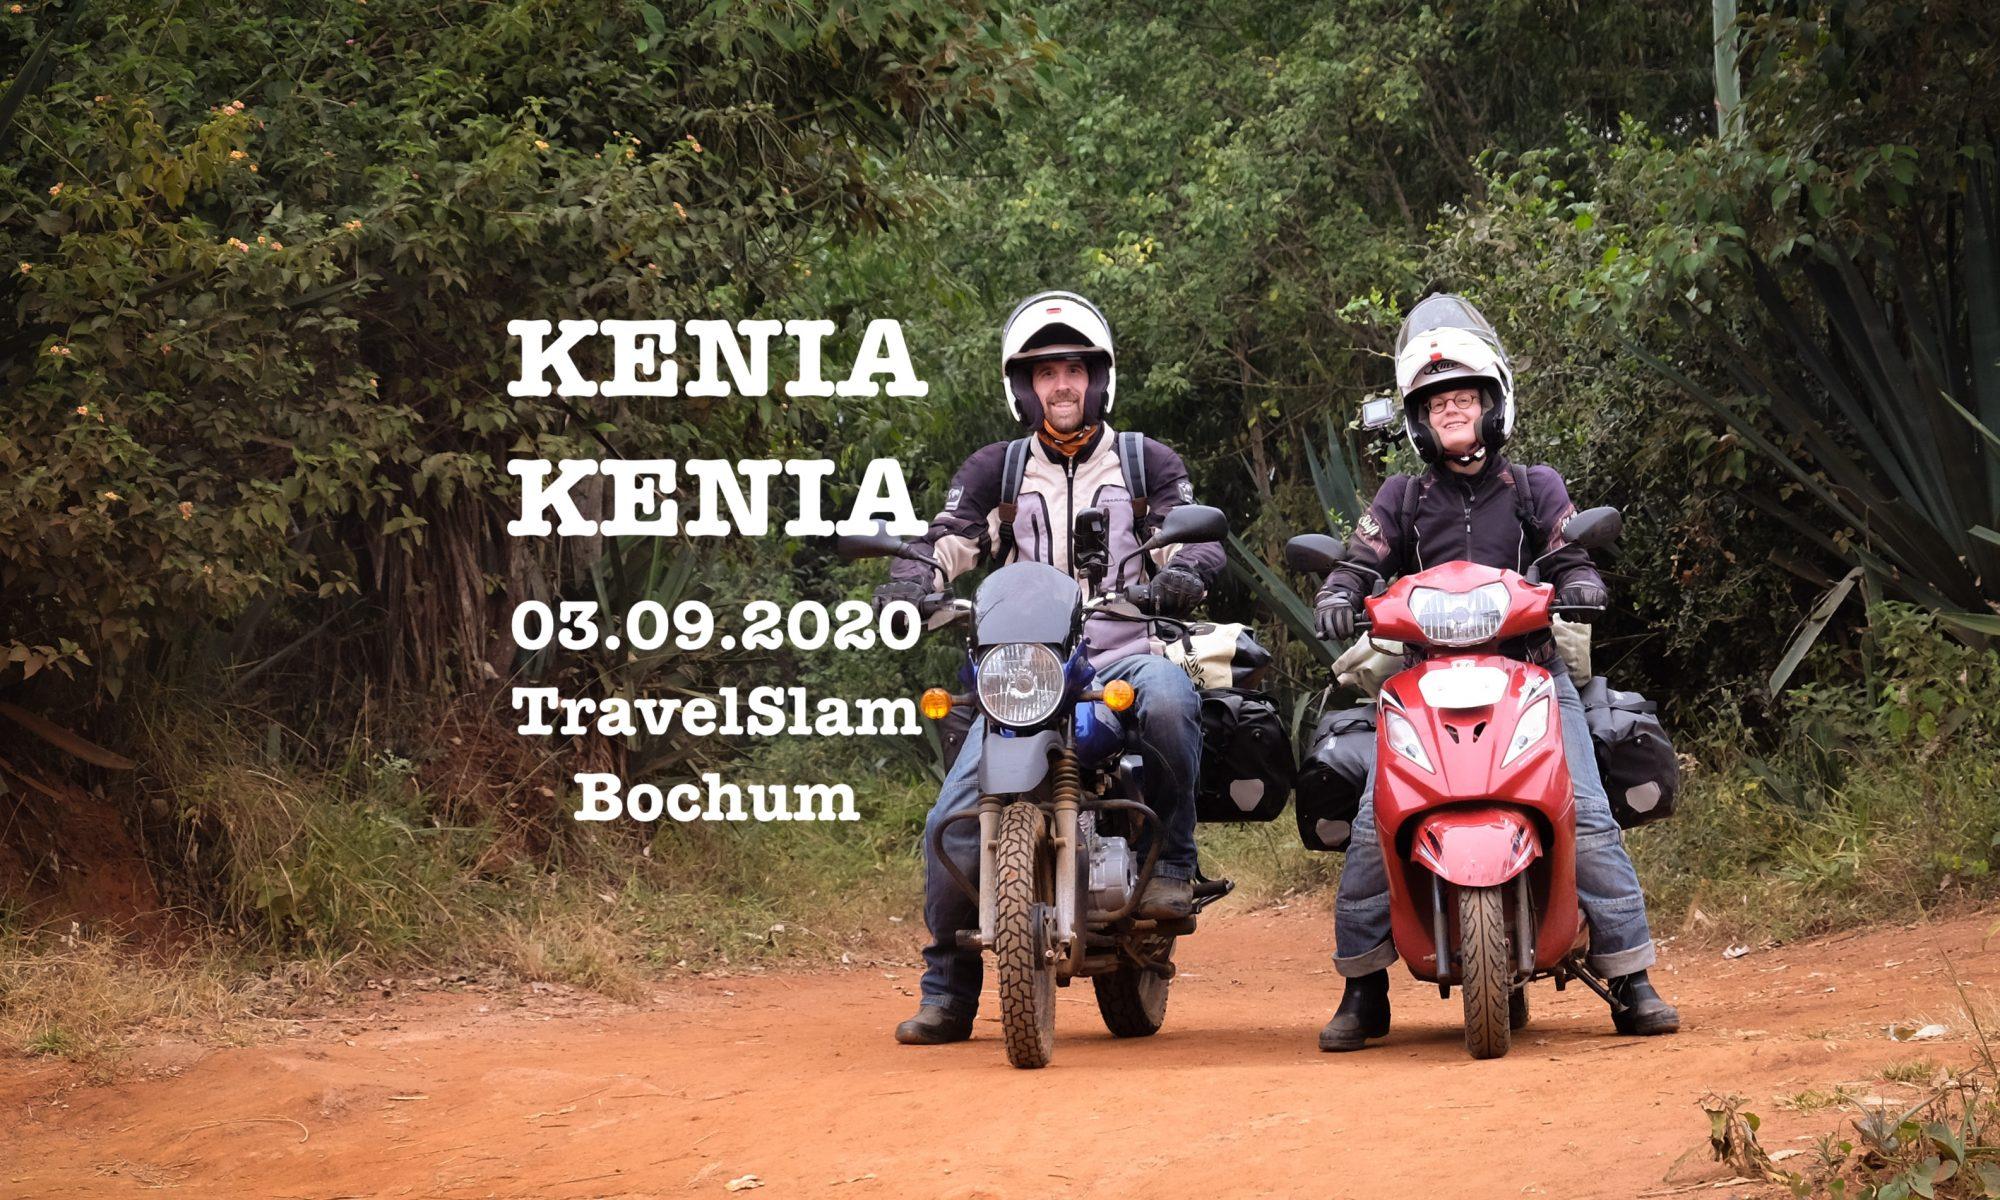 Kenia Kenia